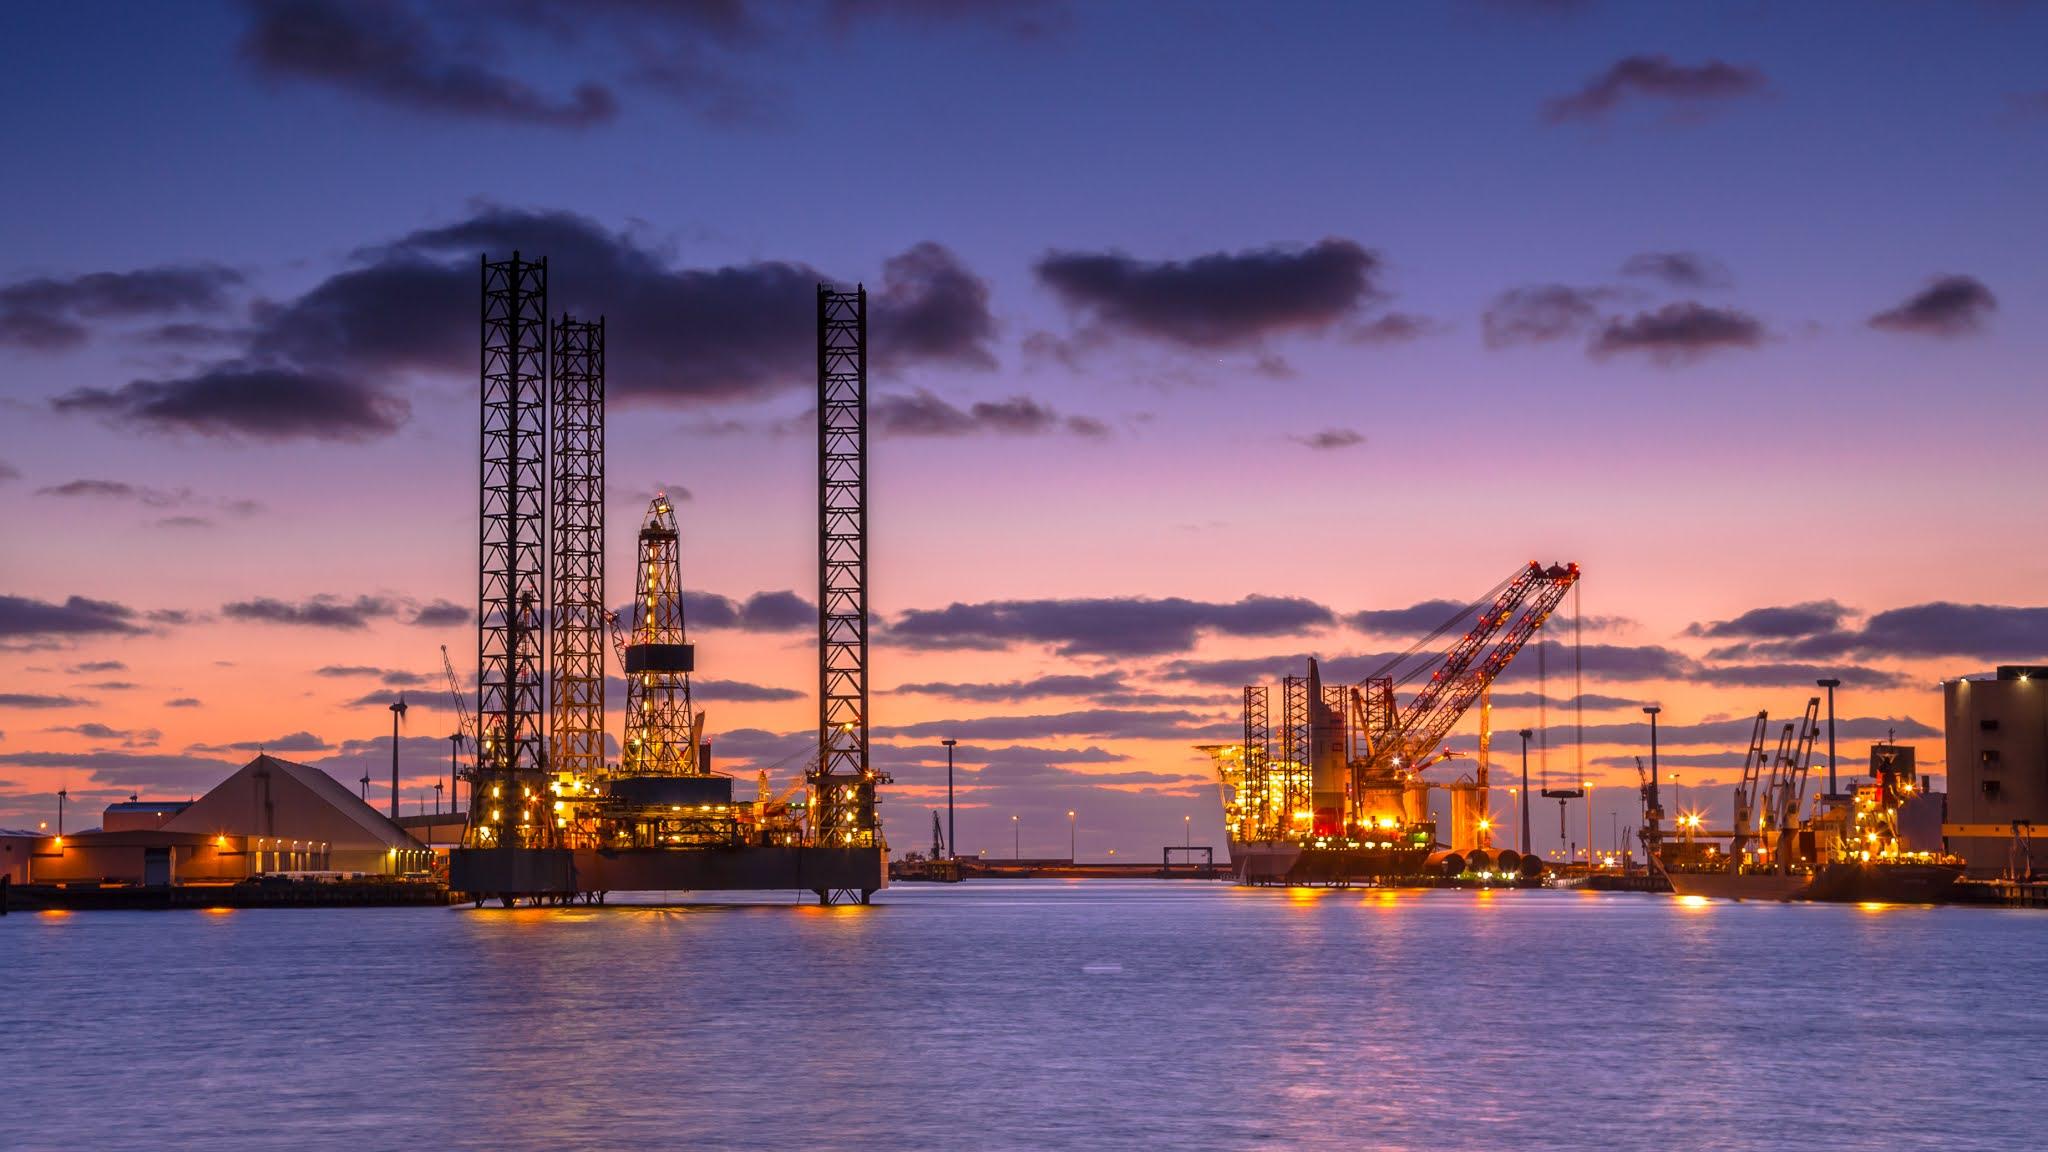 النفط يصعد باتجاه أعلى مستوياته